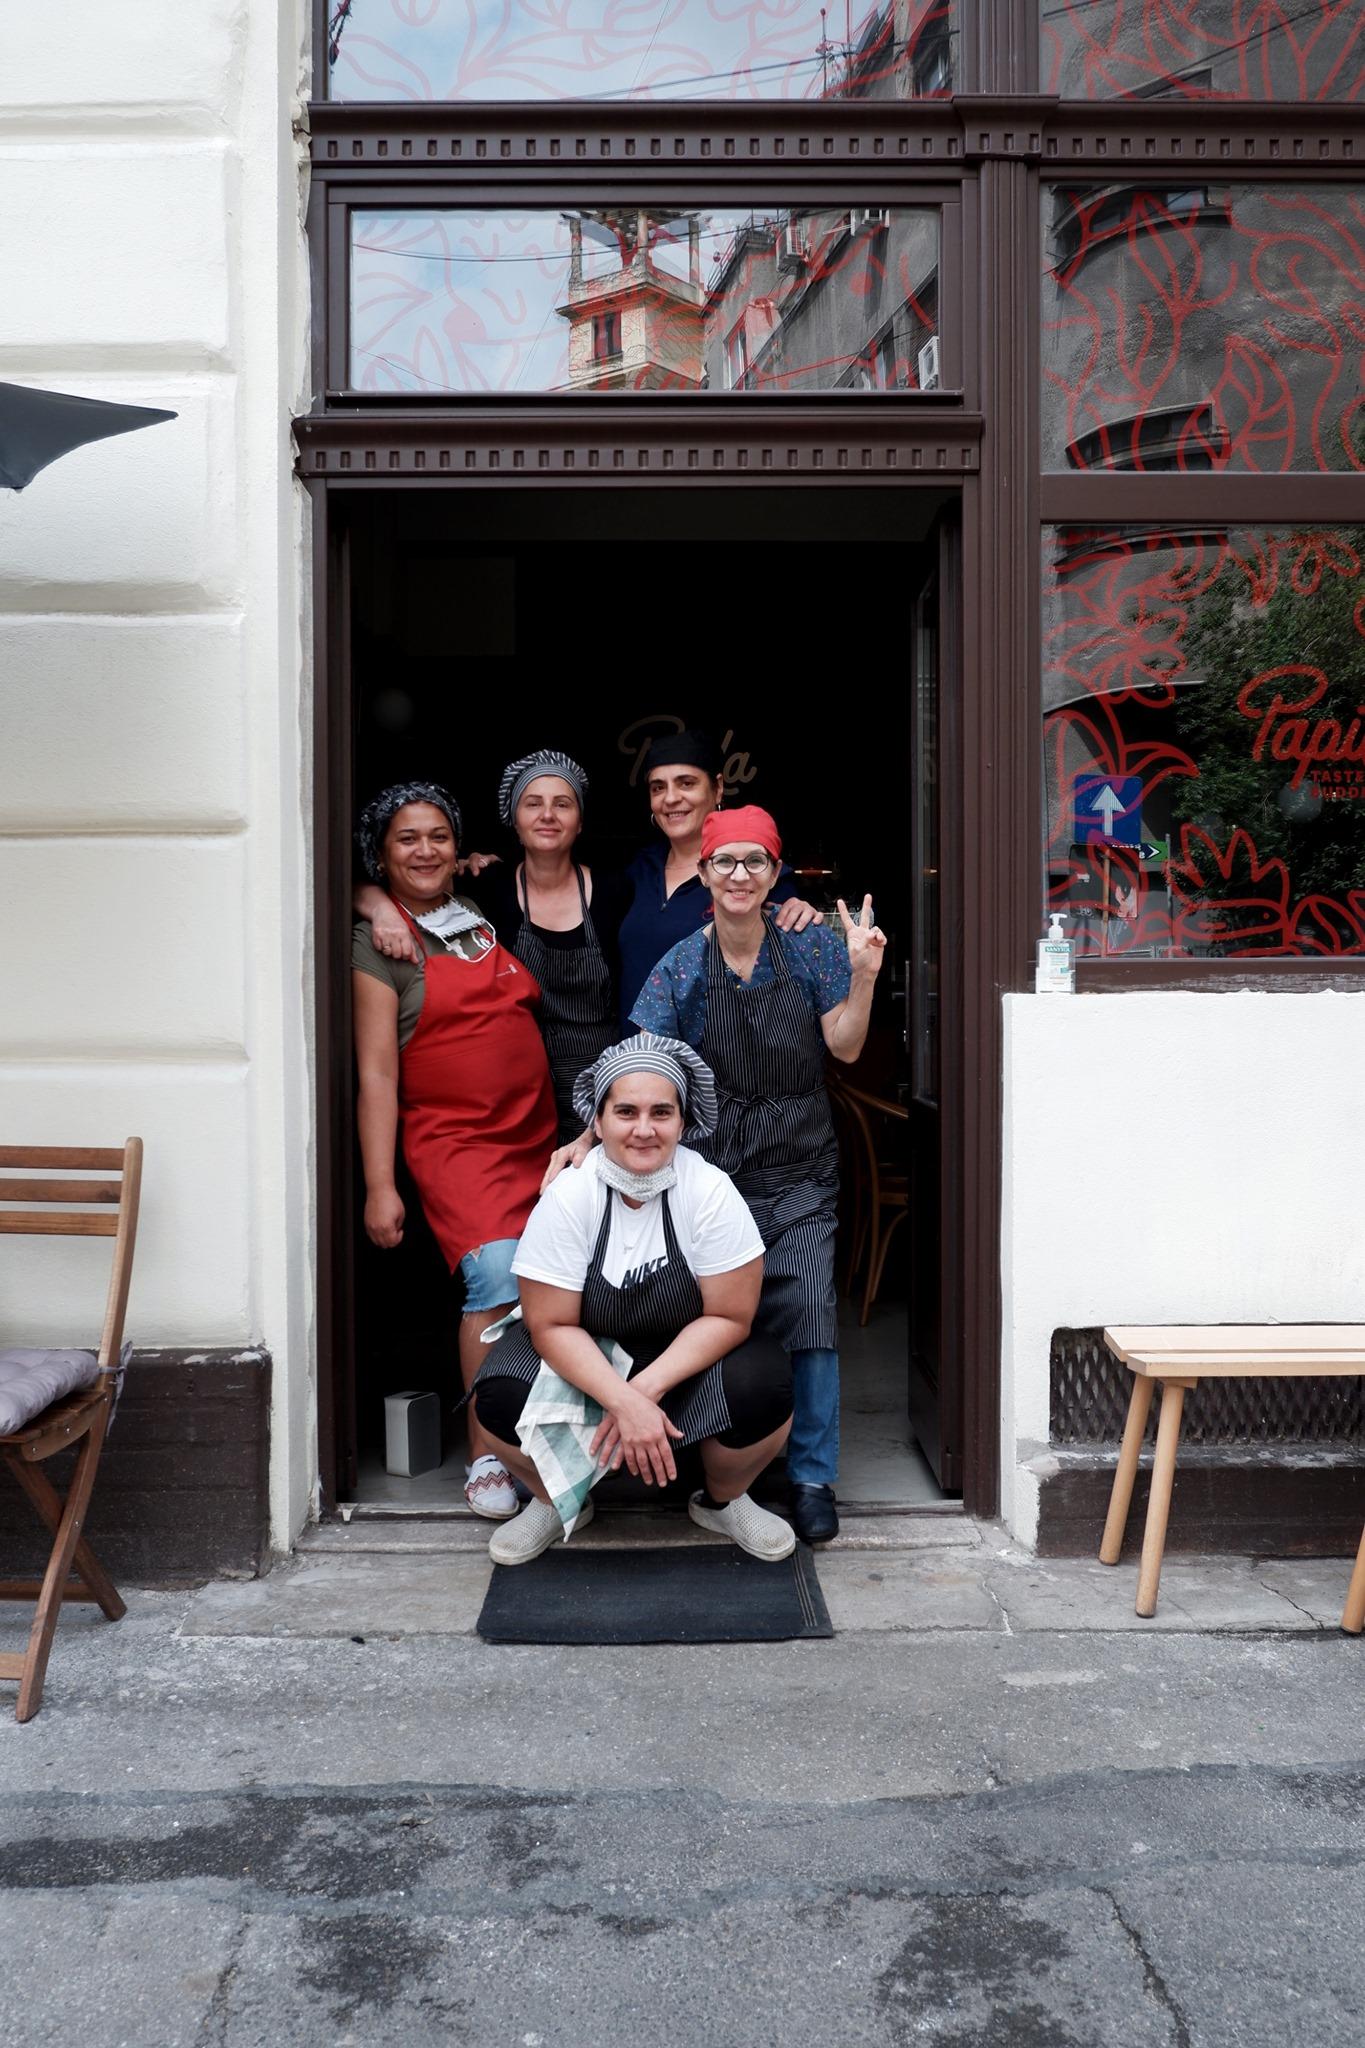 În bucătăria Papila se află mama și mătușa Mariei, alături de alte doamne talentate care gătesc ca pentru copiii lor